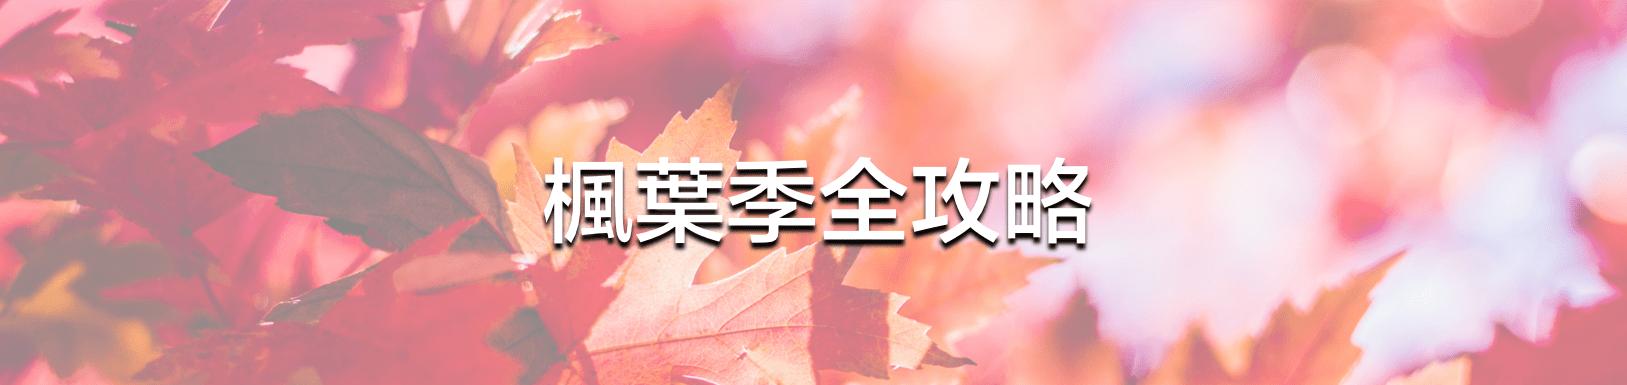 2018楓葉季-賞楓全攻略